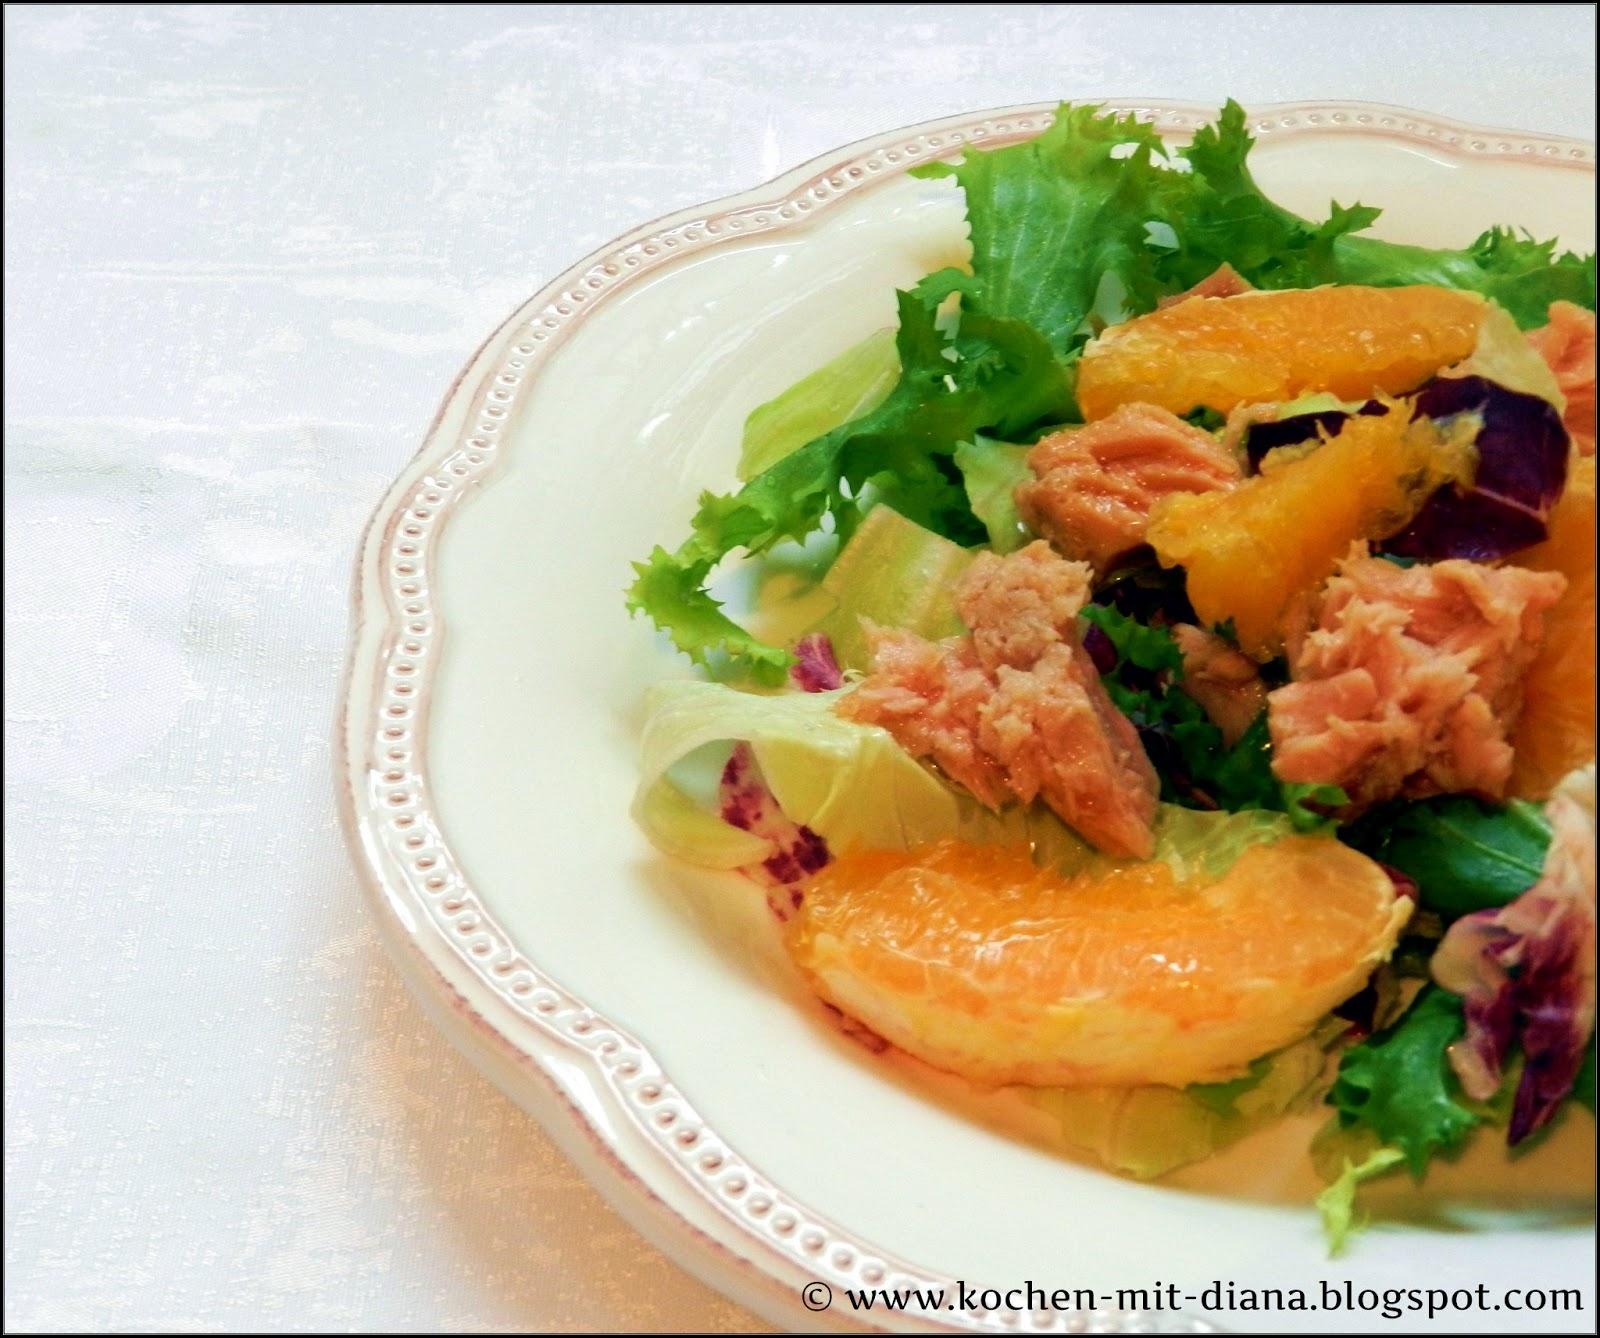 Salat mit Tunfisch und Orangen